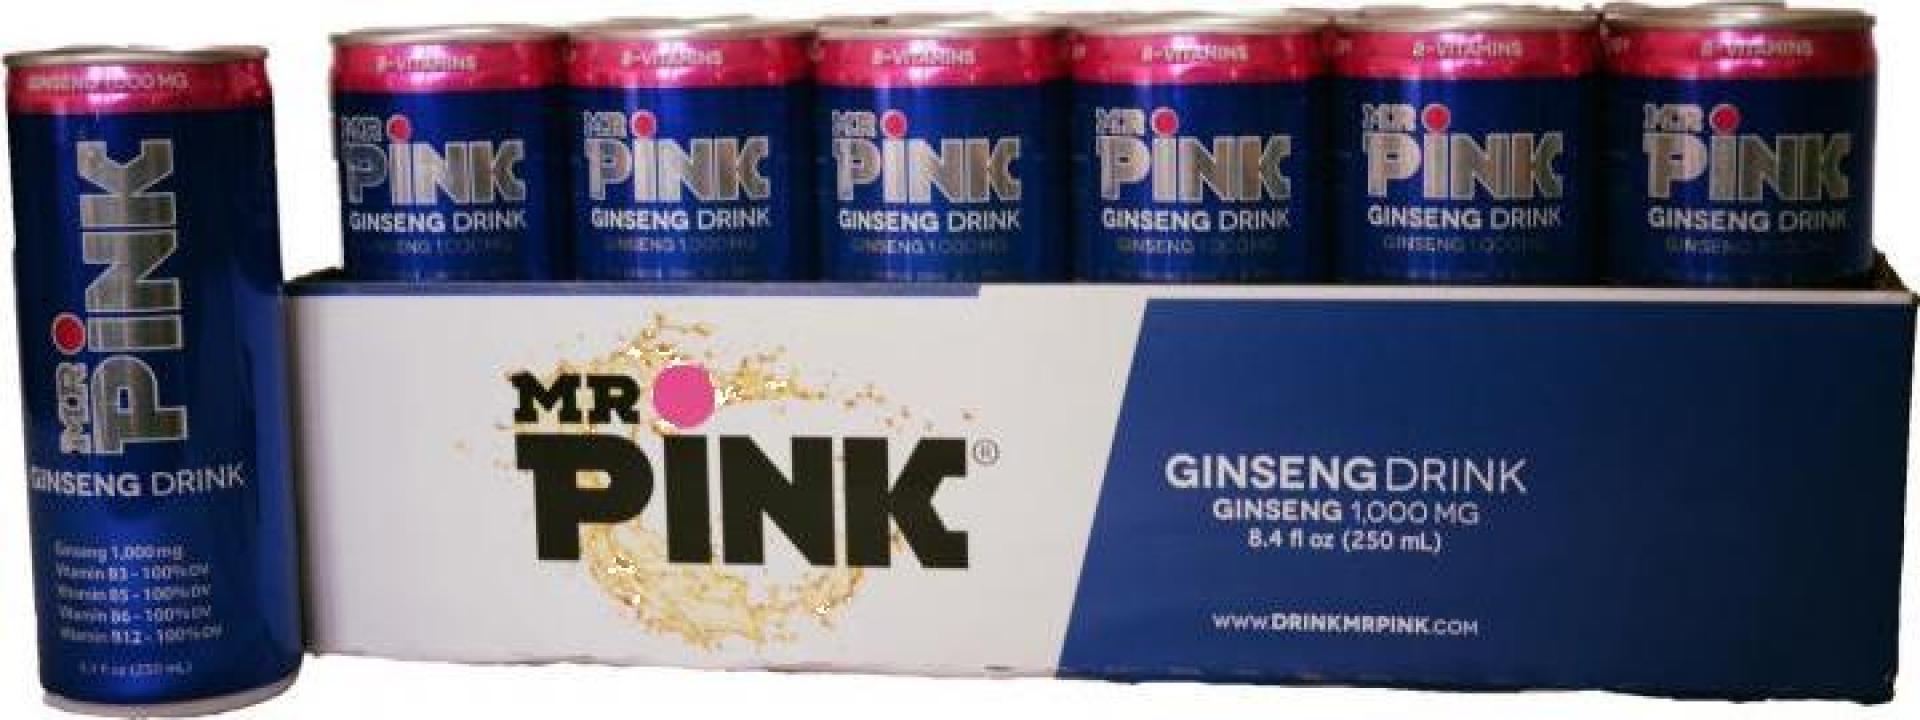 Bautura energizanta cu ginseng Mr. Pink